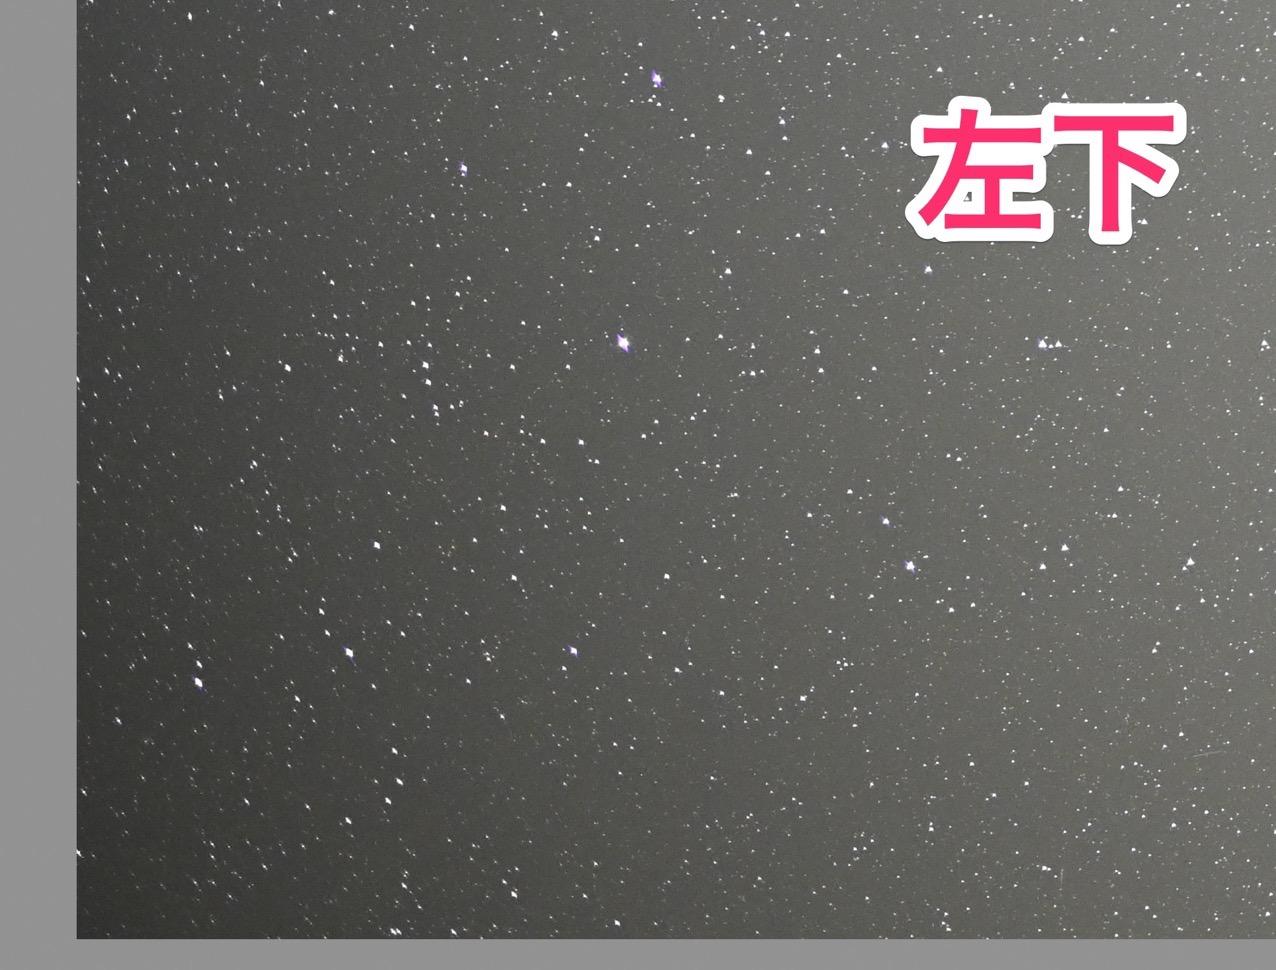 NIKKOR Z 58mm f/0.95 S Noctで星f0.95